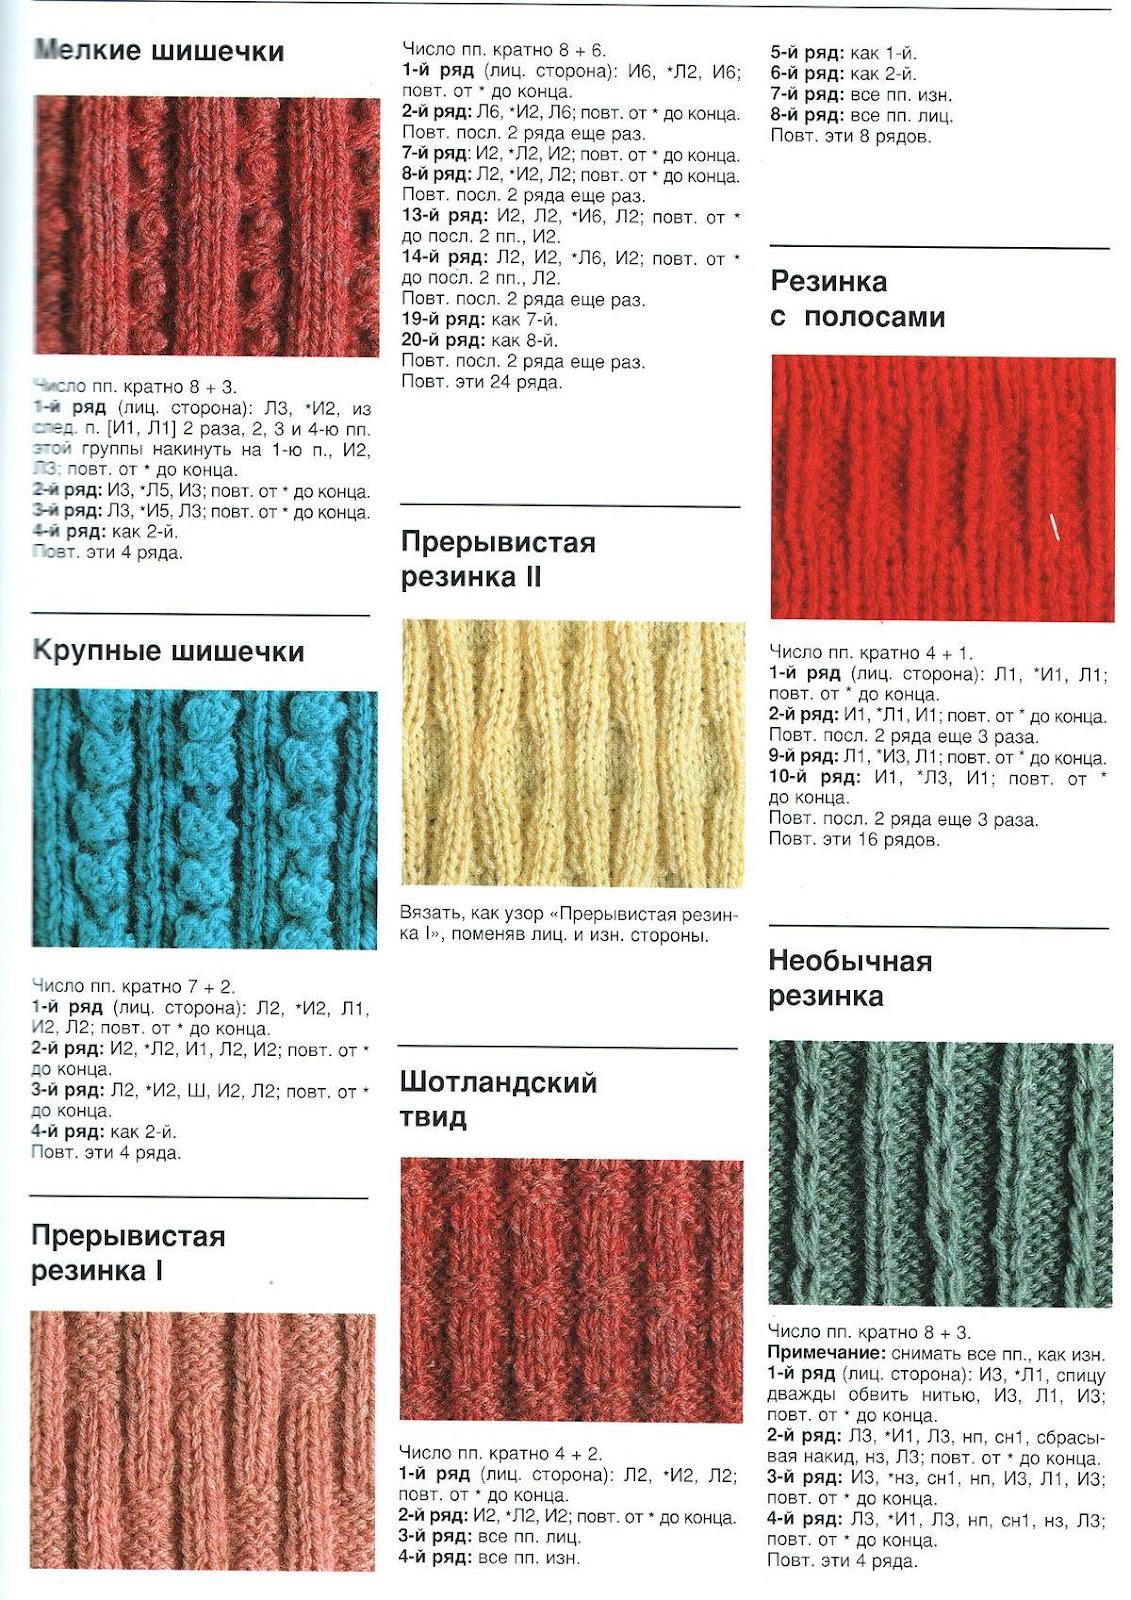 Виды резинок для вязания спицами со схемами